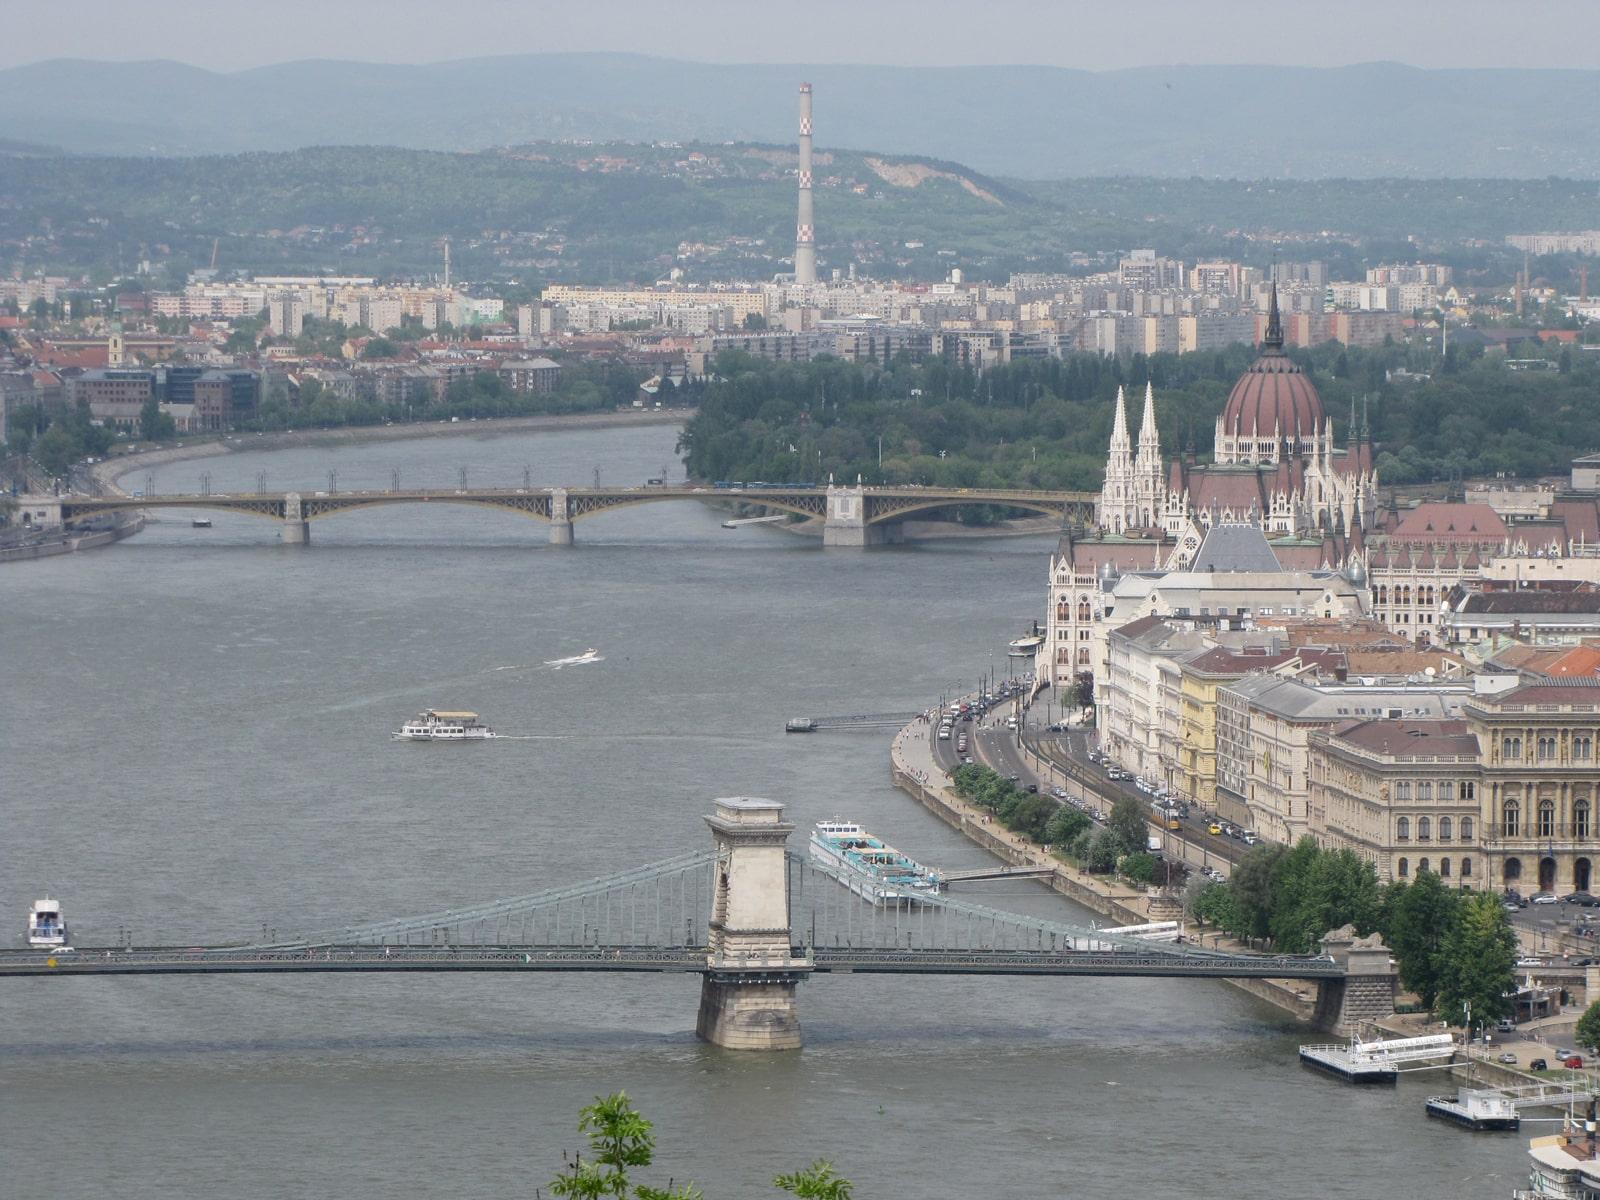 Budimpešta, mostovi preko Dunava, Budapest, bridges over Danube